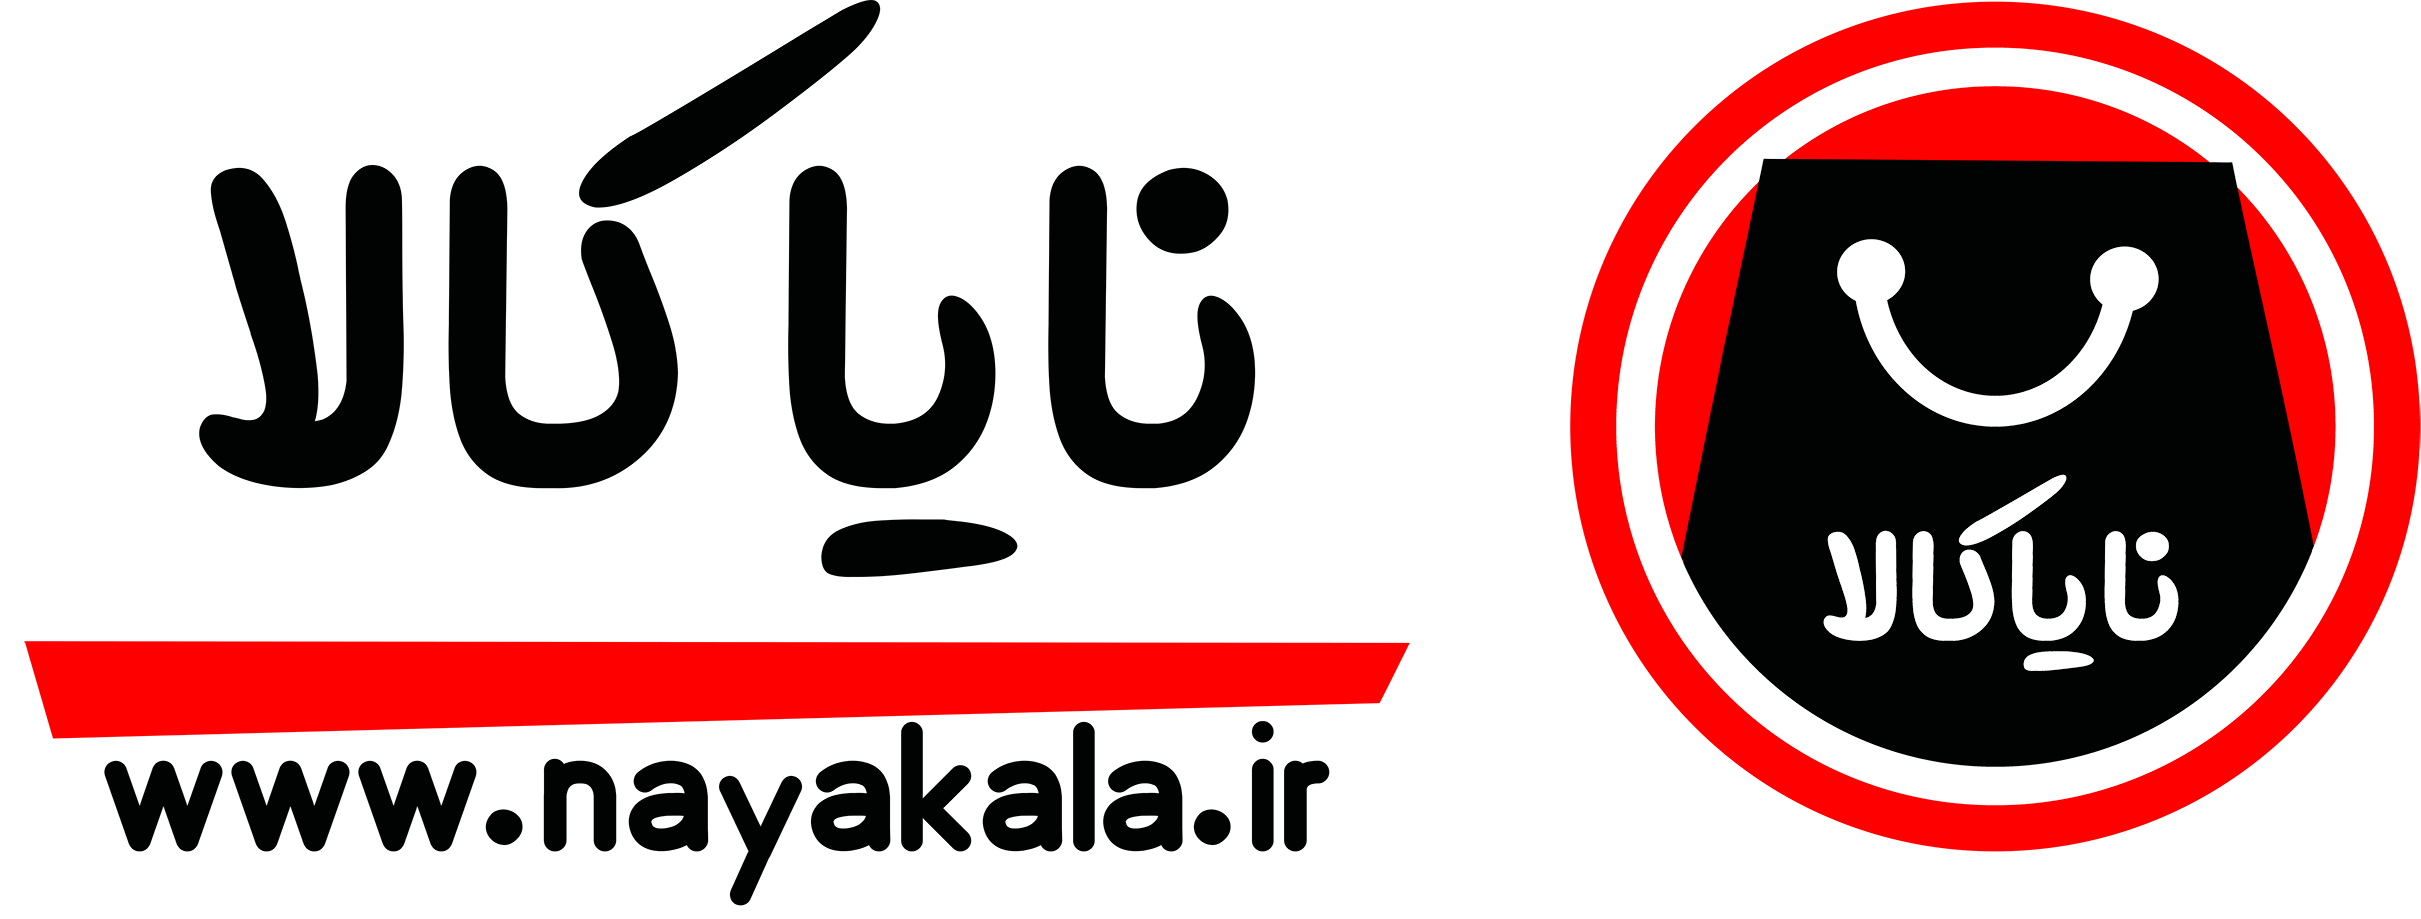 نایاکالا - nayakala